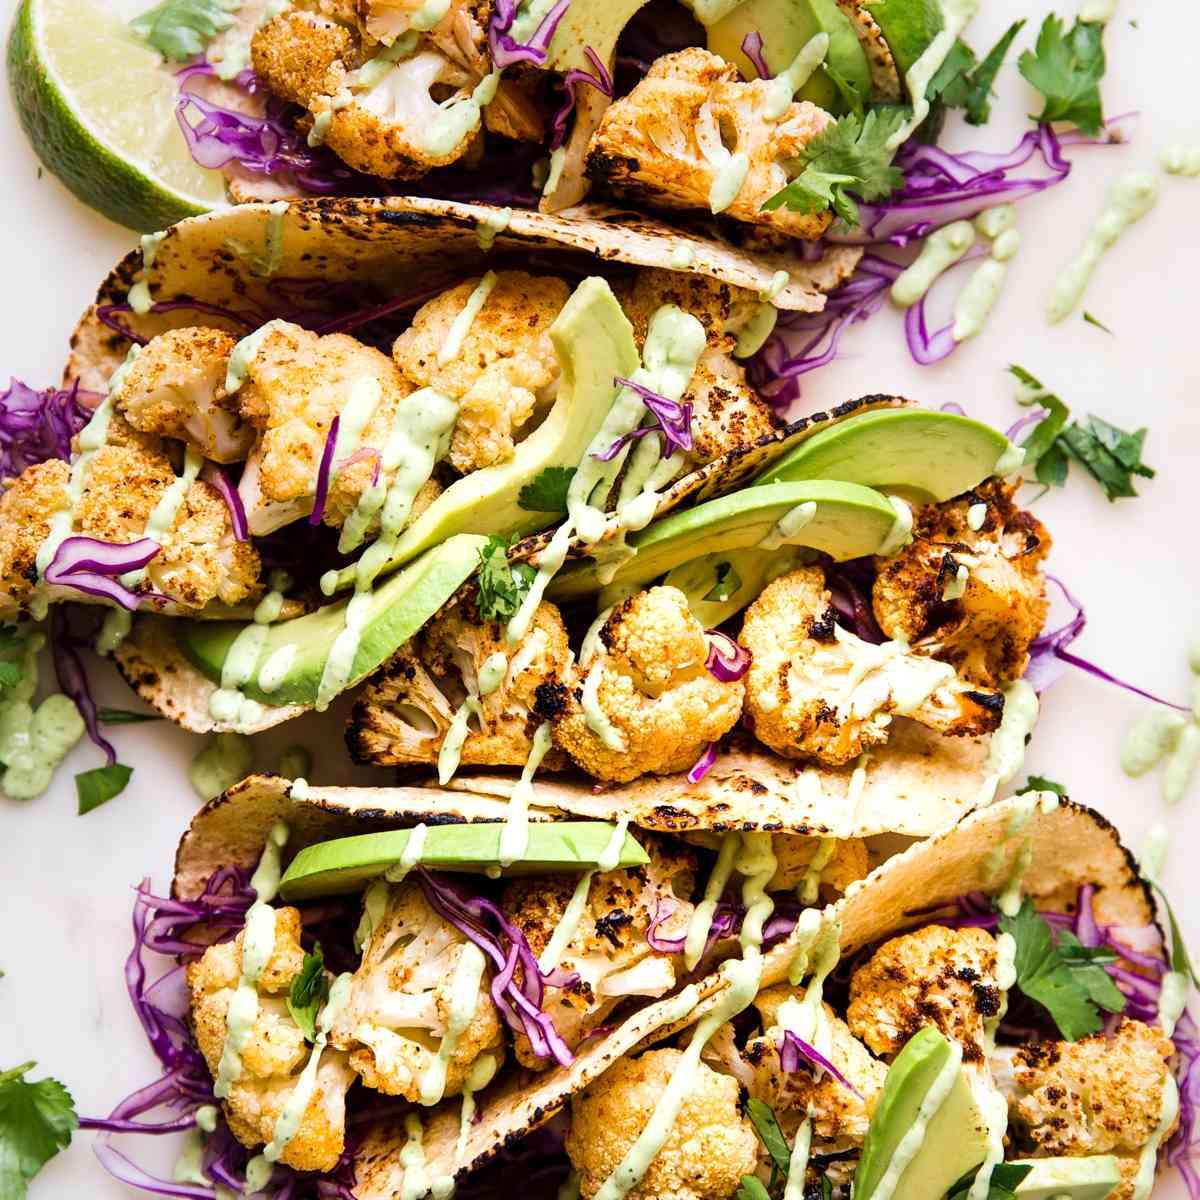 Tacos de coliflor asados